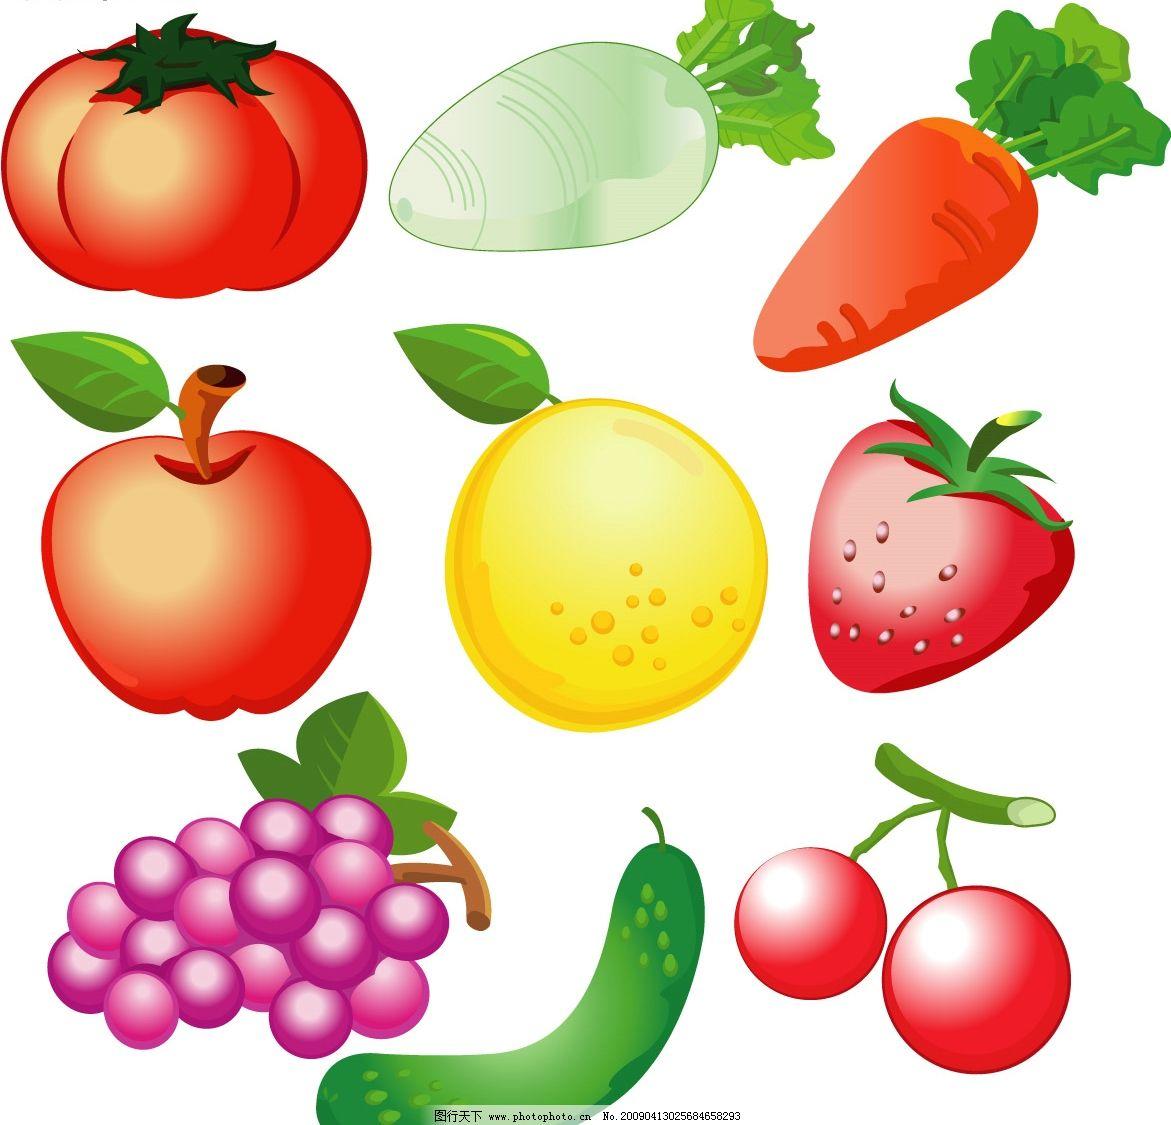 漂亮水果矢量图 水果 食物 英语教学图片素材 生活百科 餐饮美食 矢量